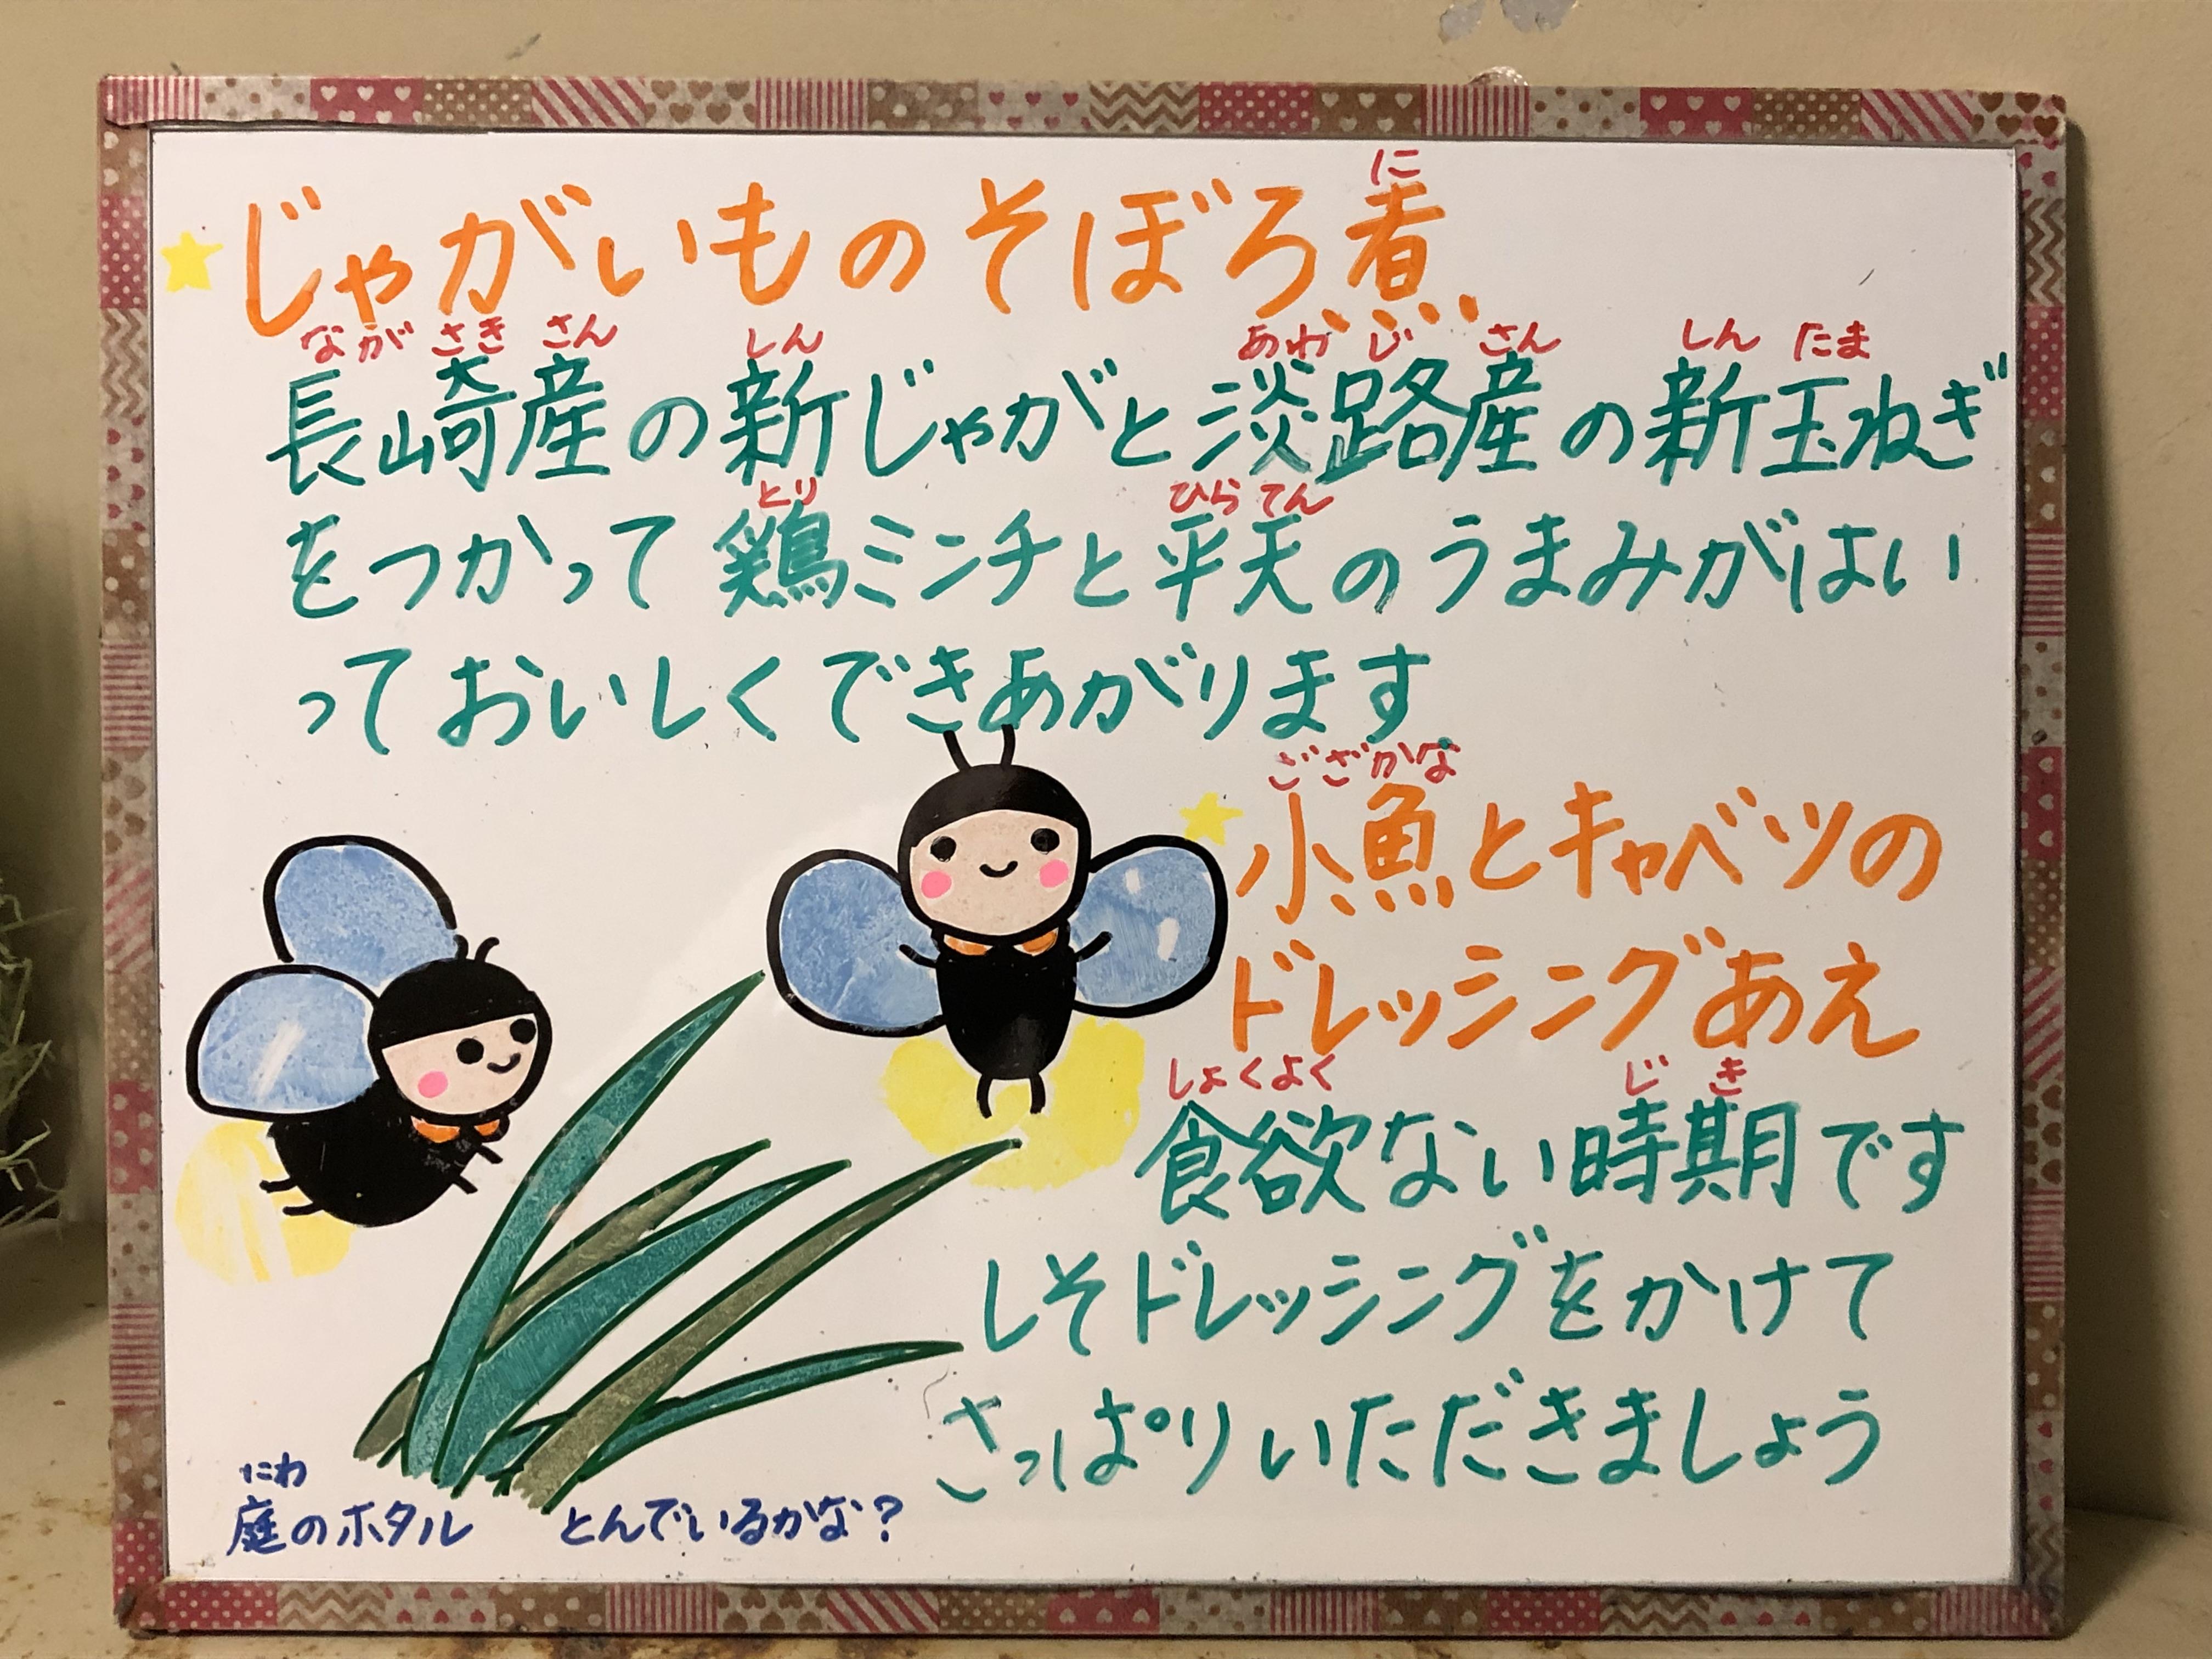 天気 レーダー 明石 雨雲 日本全国の雨雲レーダーと各地の天気予報